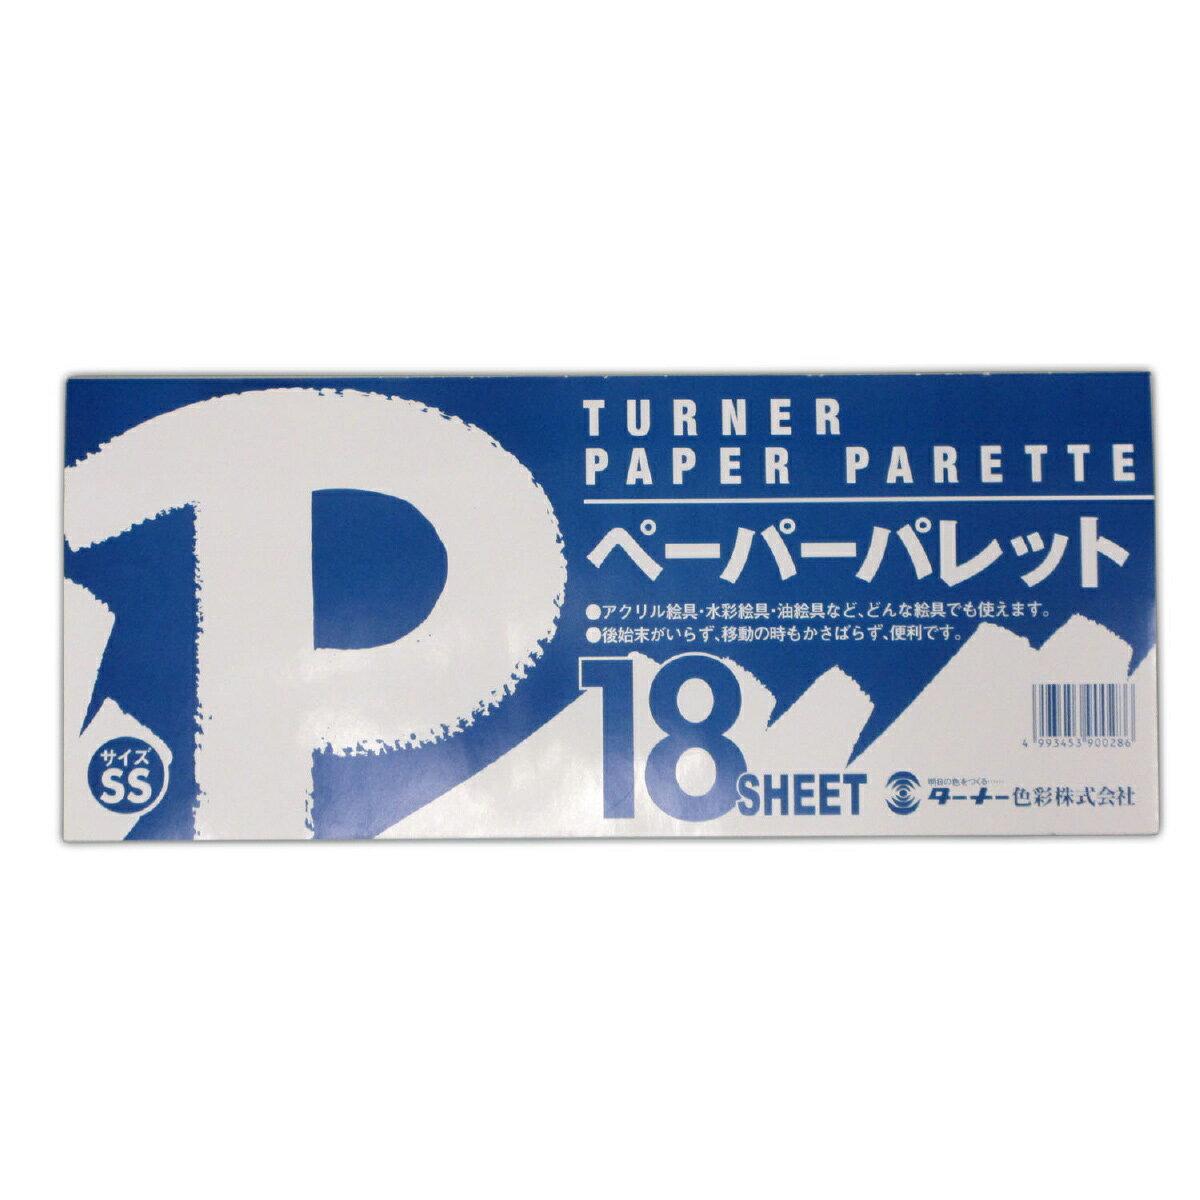 ターナー ペーパーパレット SS 美術 絵具 画材 文具 学校 教材 絵 使い捨て 紙パレット